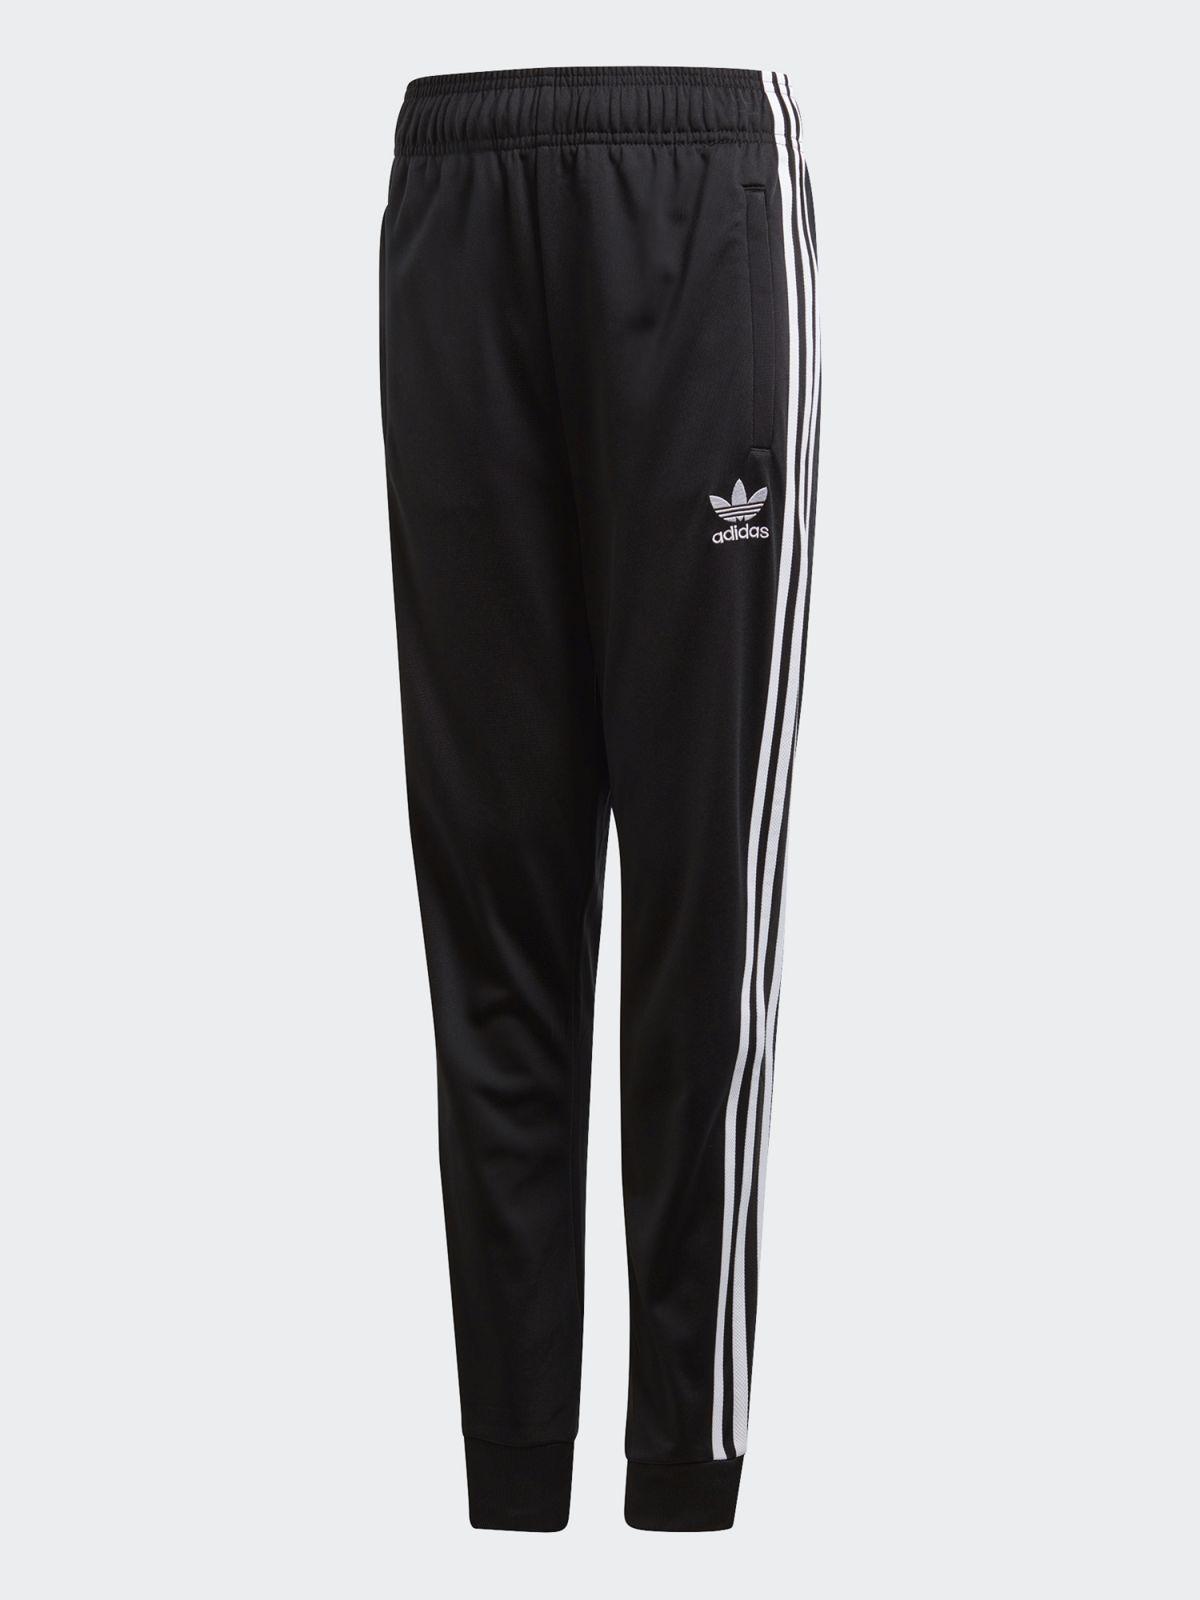 מכנסי טראק עם פסי המותג / בניםמכנסי טראק עם פסי המותג / בנים של ADIDAS Originals